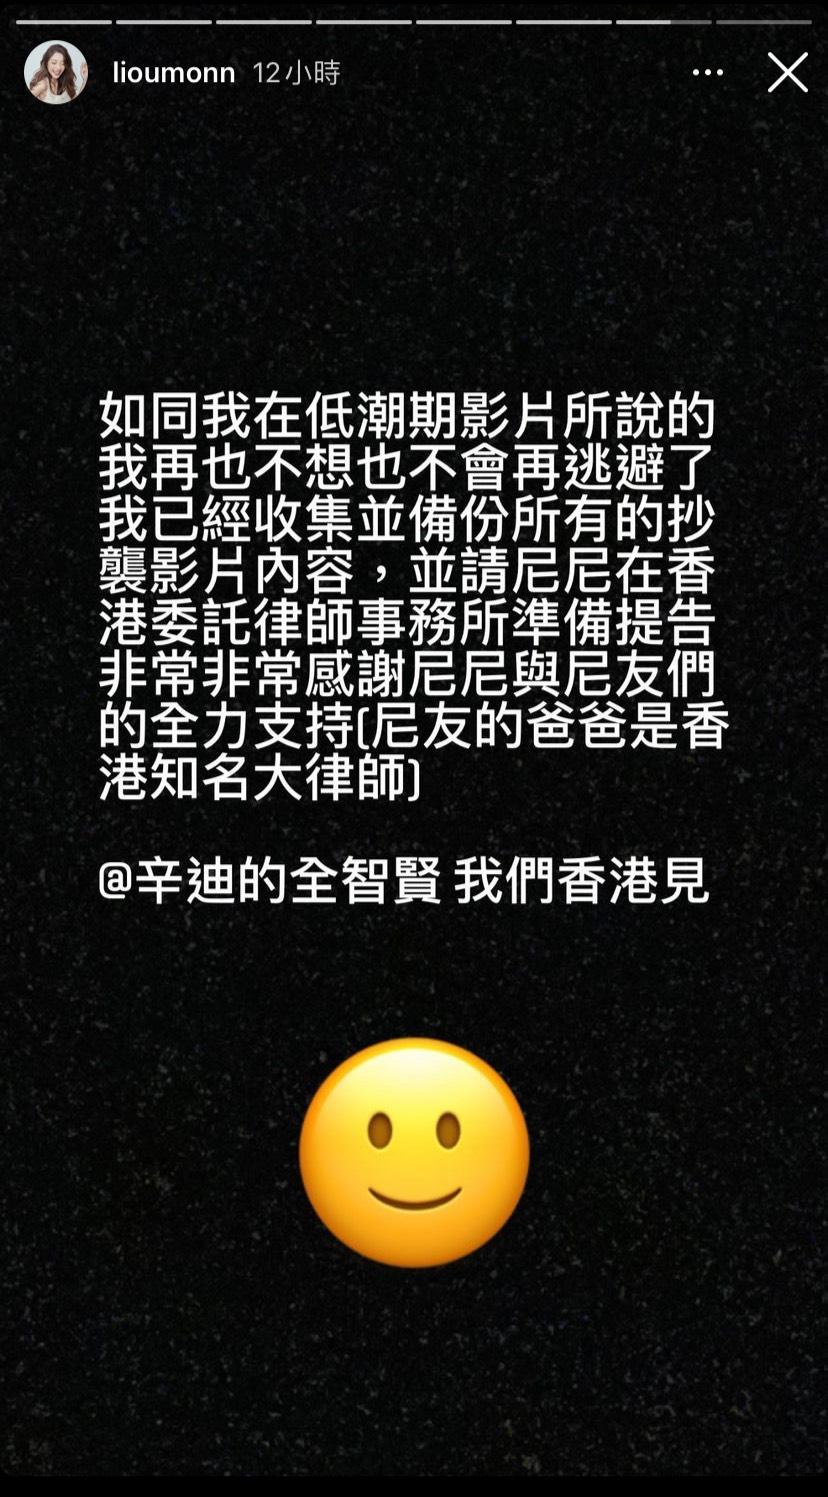 不只劉芒!喬瑟夫「咩噗茶」也被抄襲 網見抖音影片諷:中國正常發揮